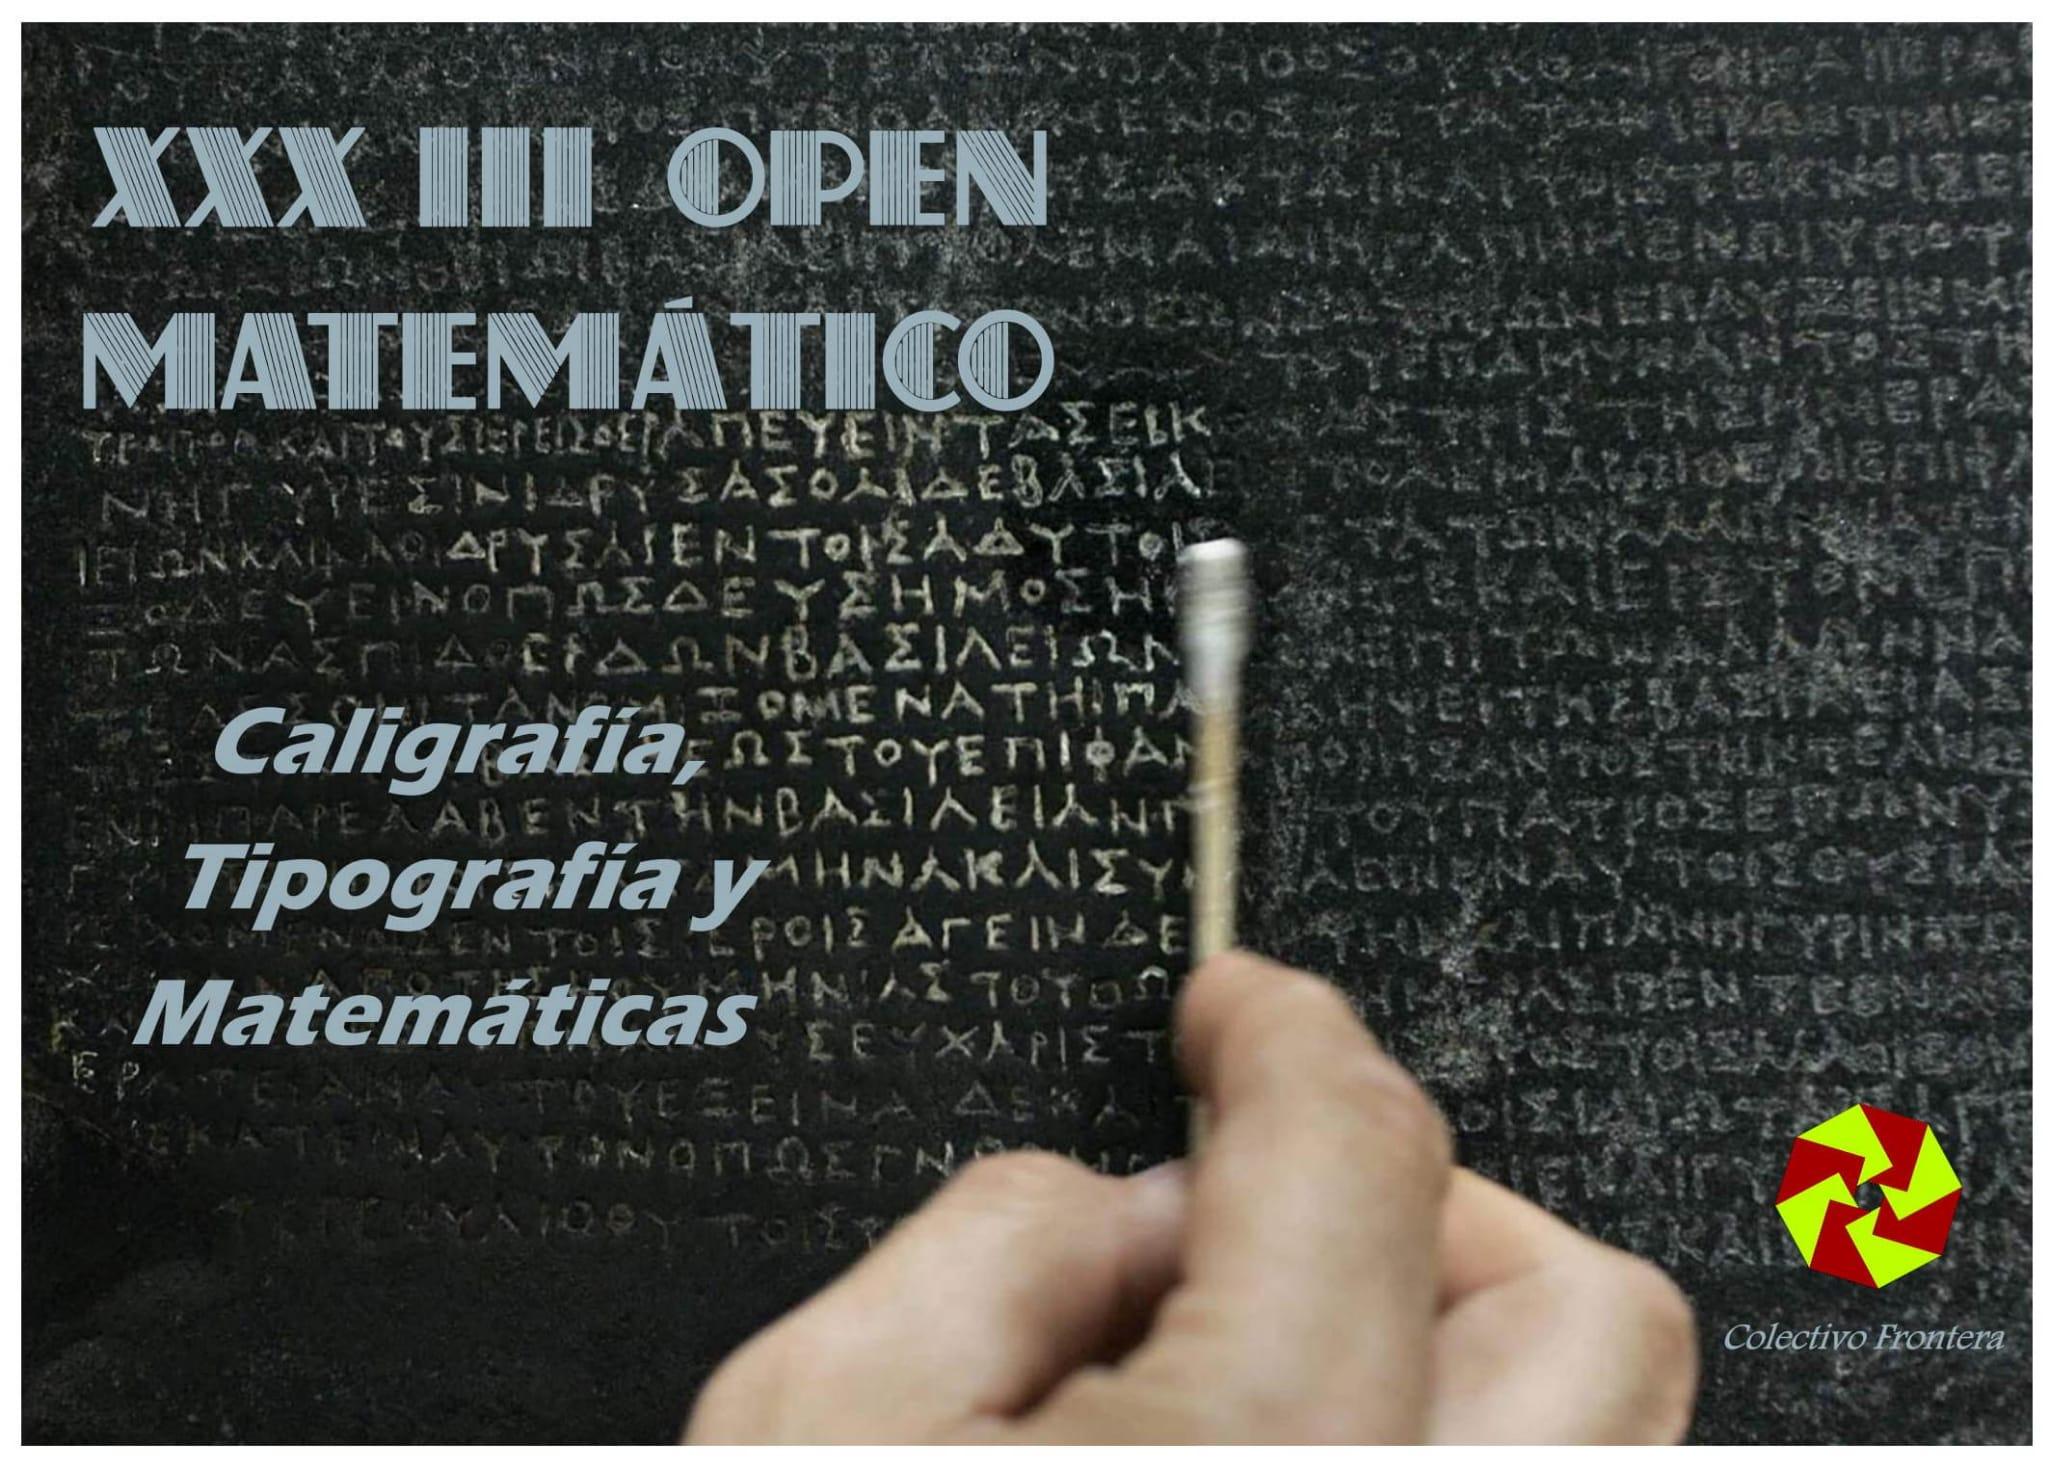 XXXIII OPEN MATEMATICO 2021